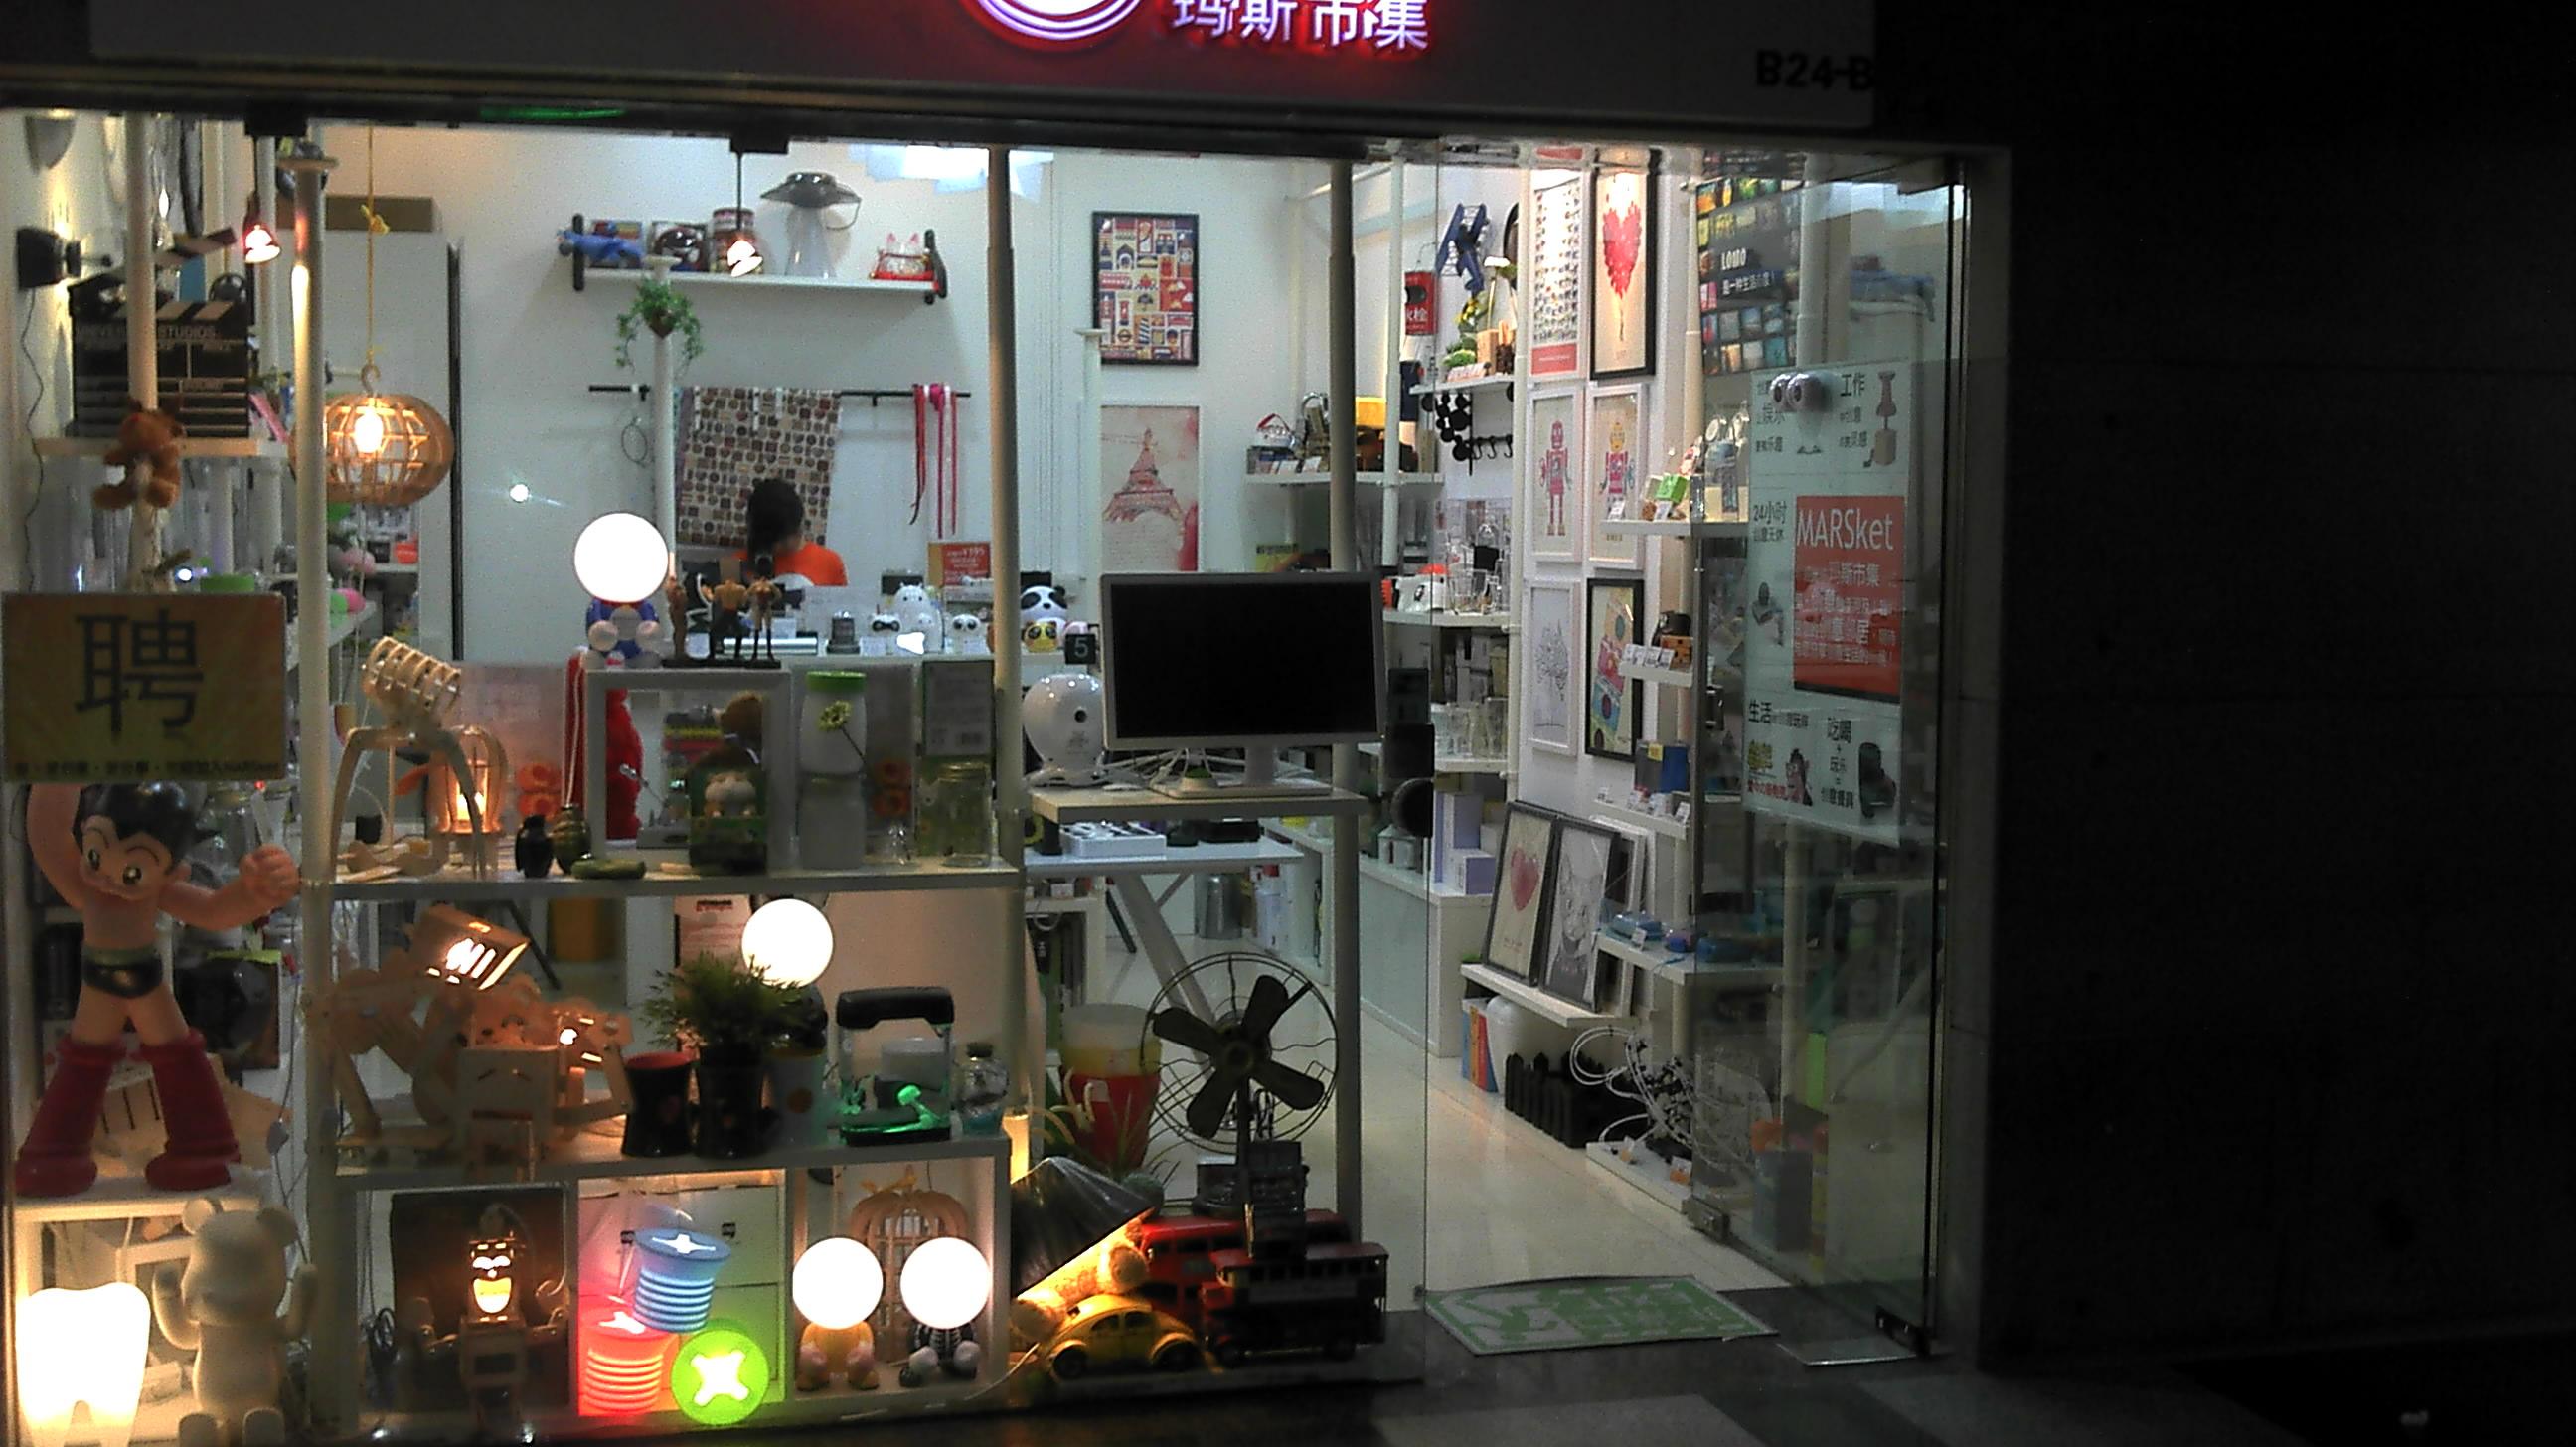 上海那里有集中的精品礼品或者创意家居用品店 高清图片